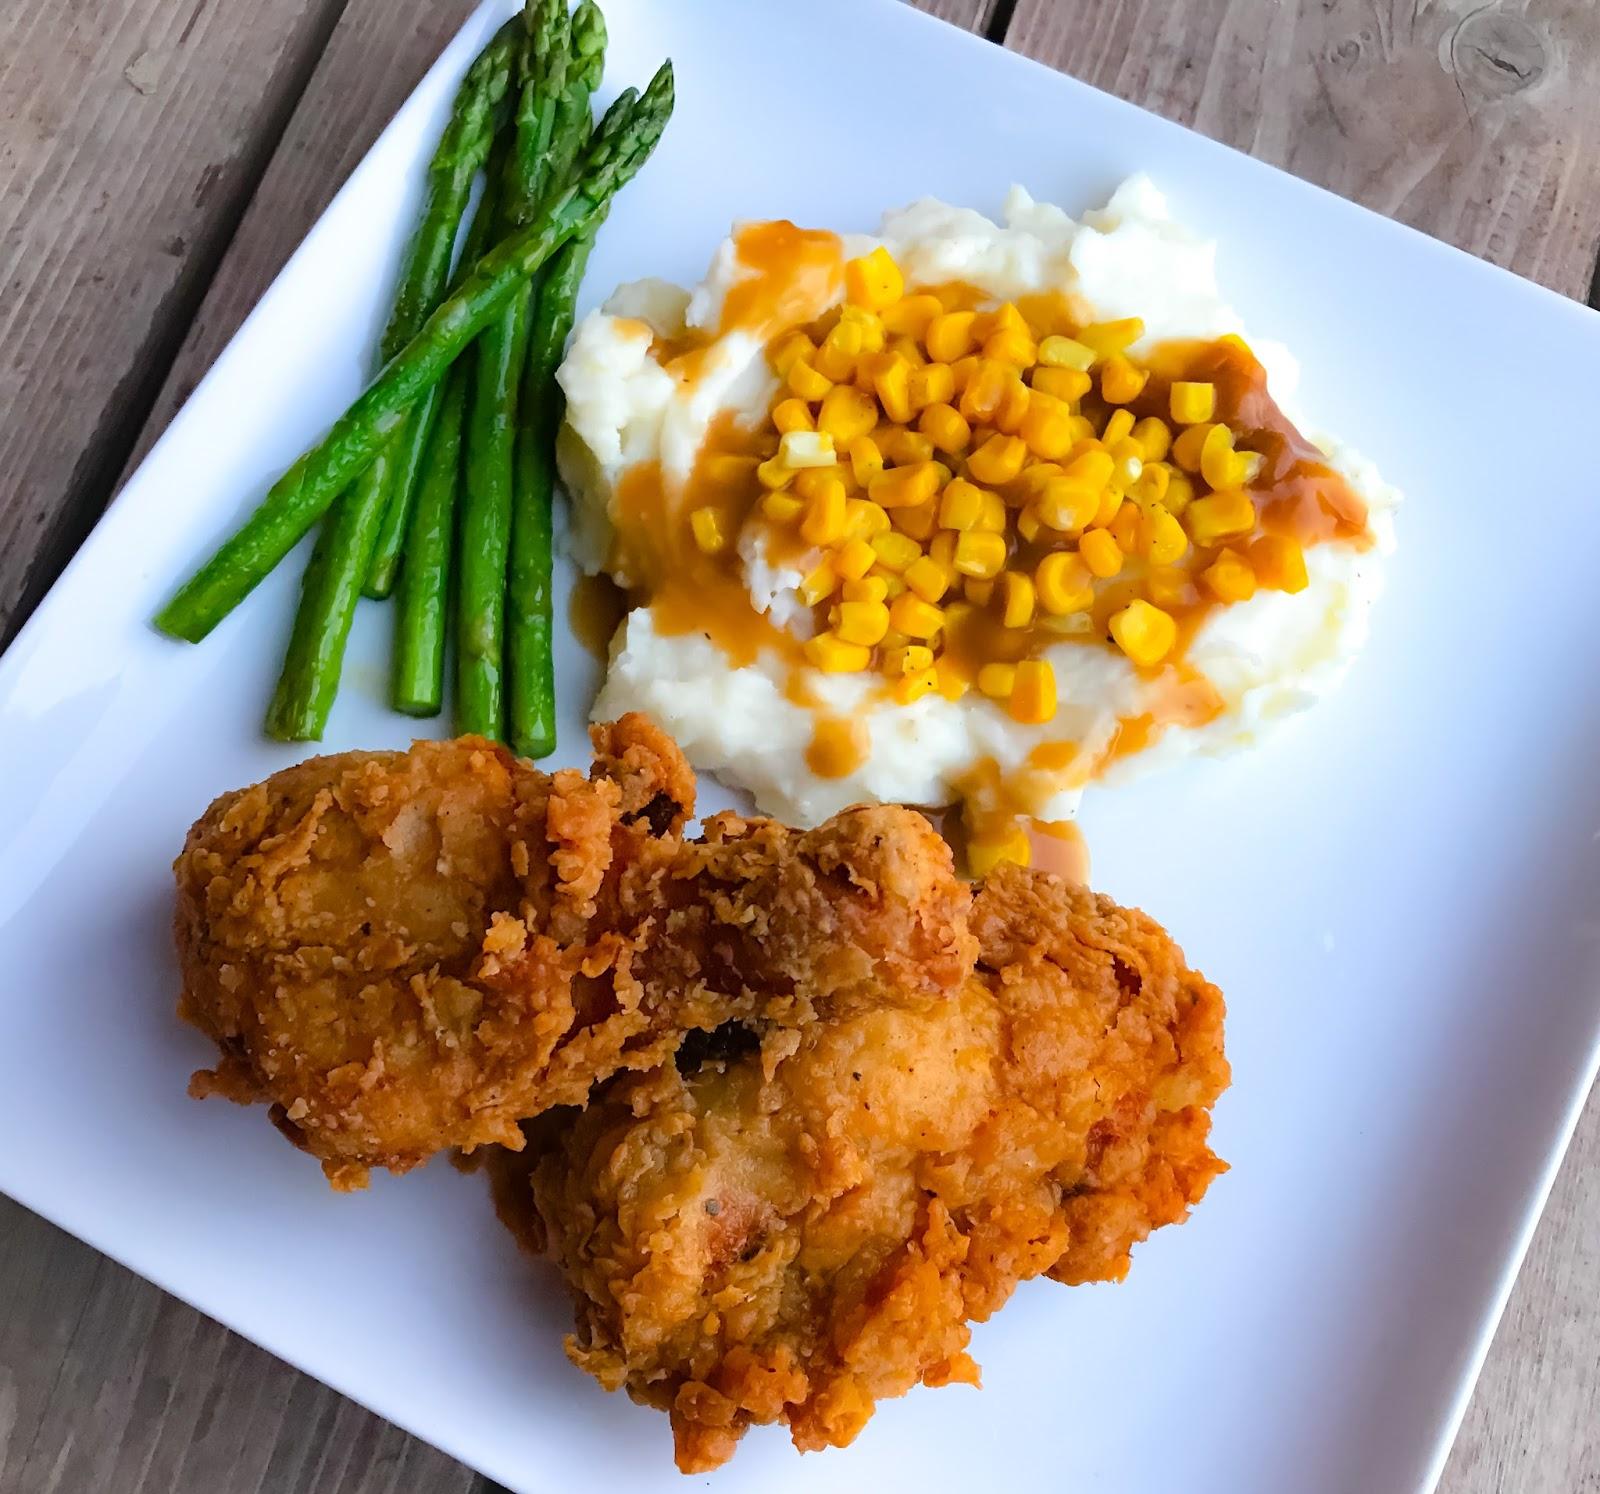 Poulet frit l 39 am ricaine blogs de cuisine - Cuisine a l americaine ...